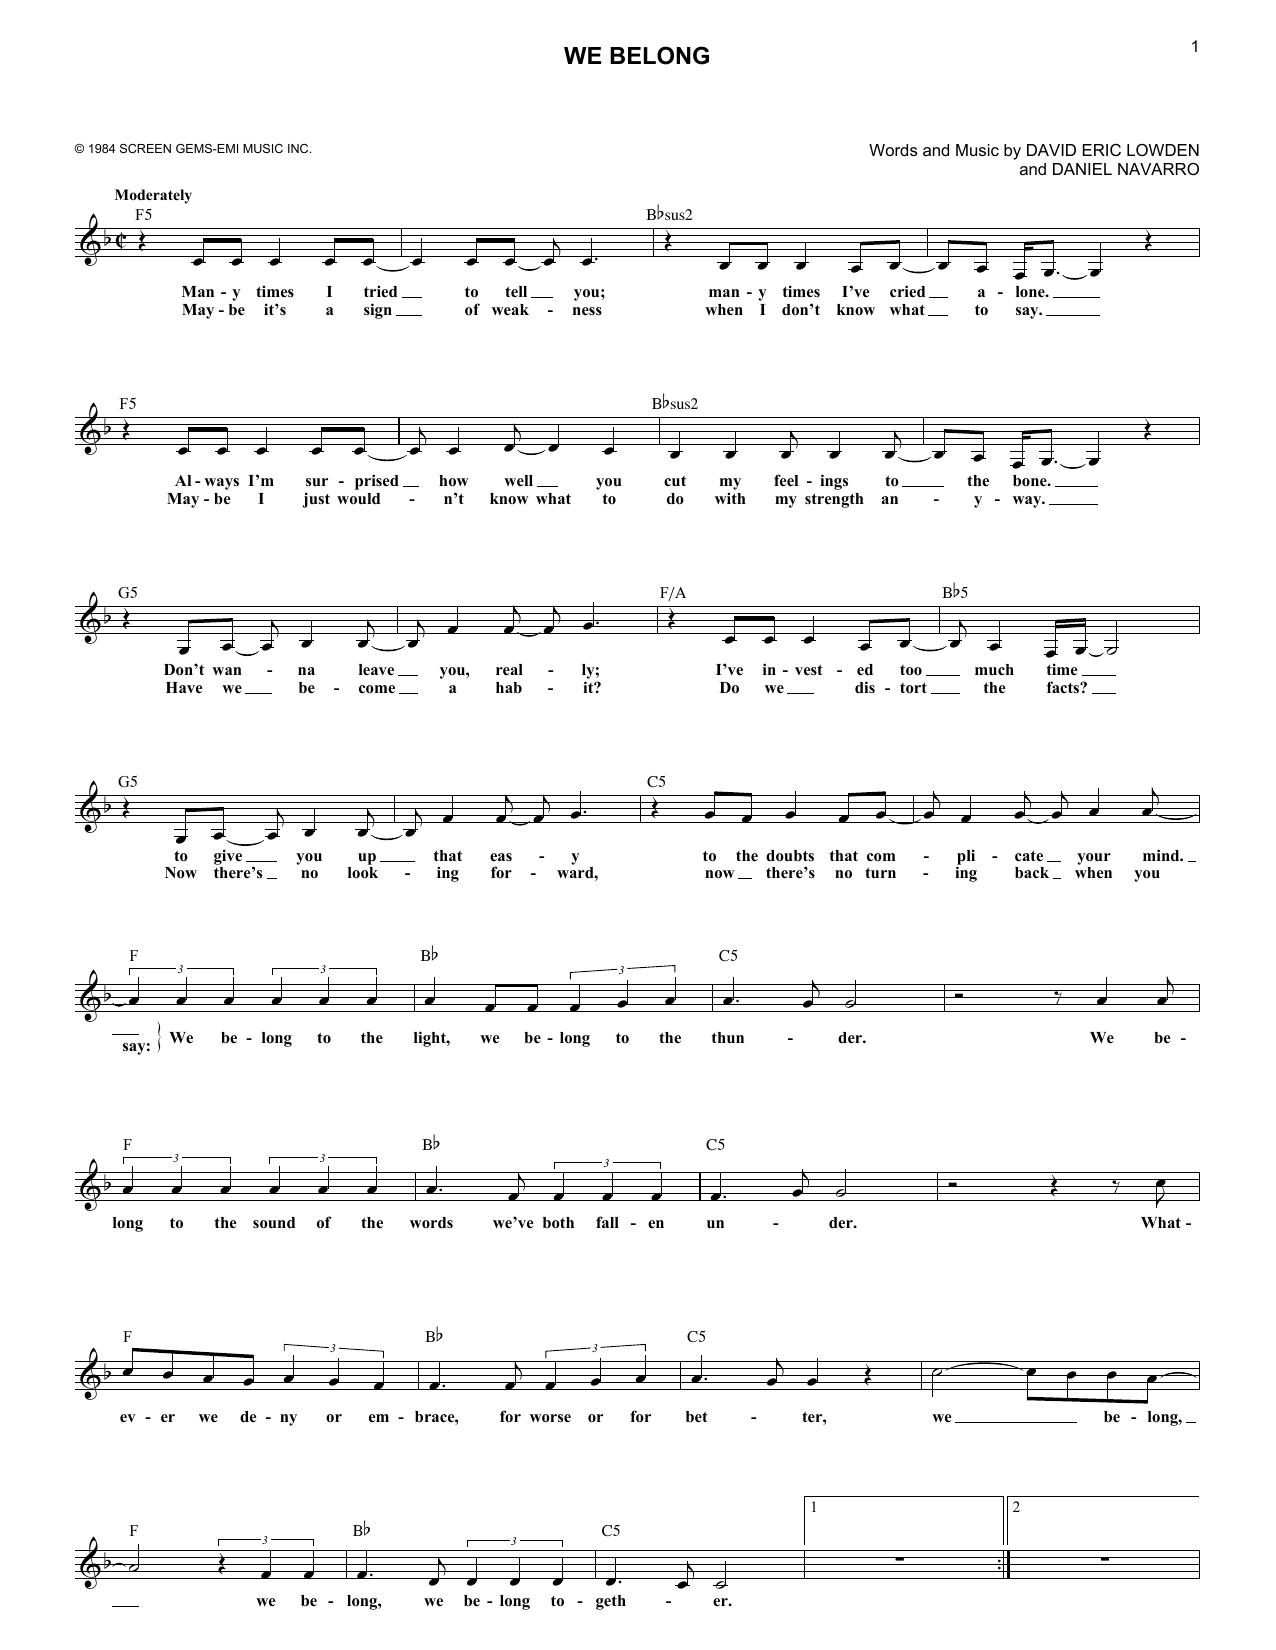 We Belong Sheet Music Pat Benatar Melody Line Lyrics Chords